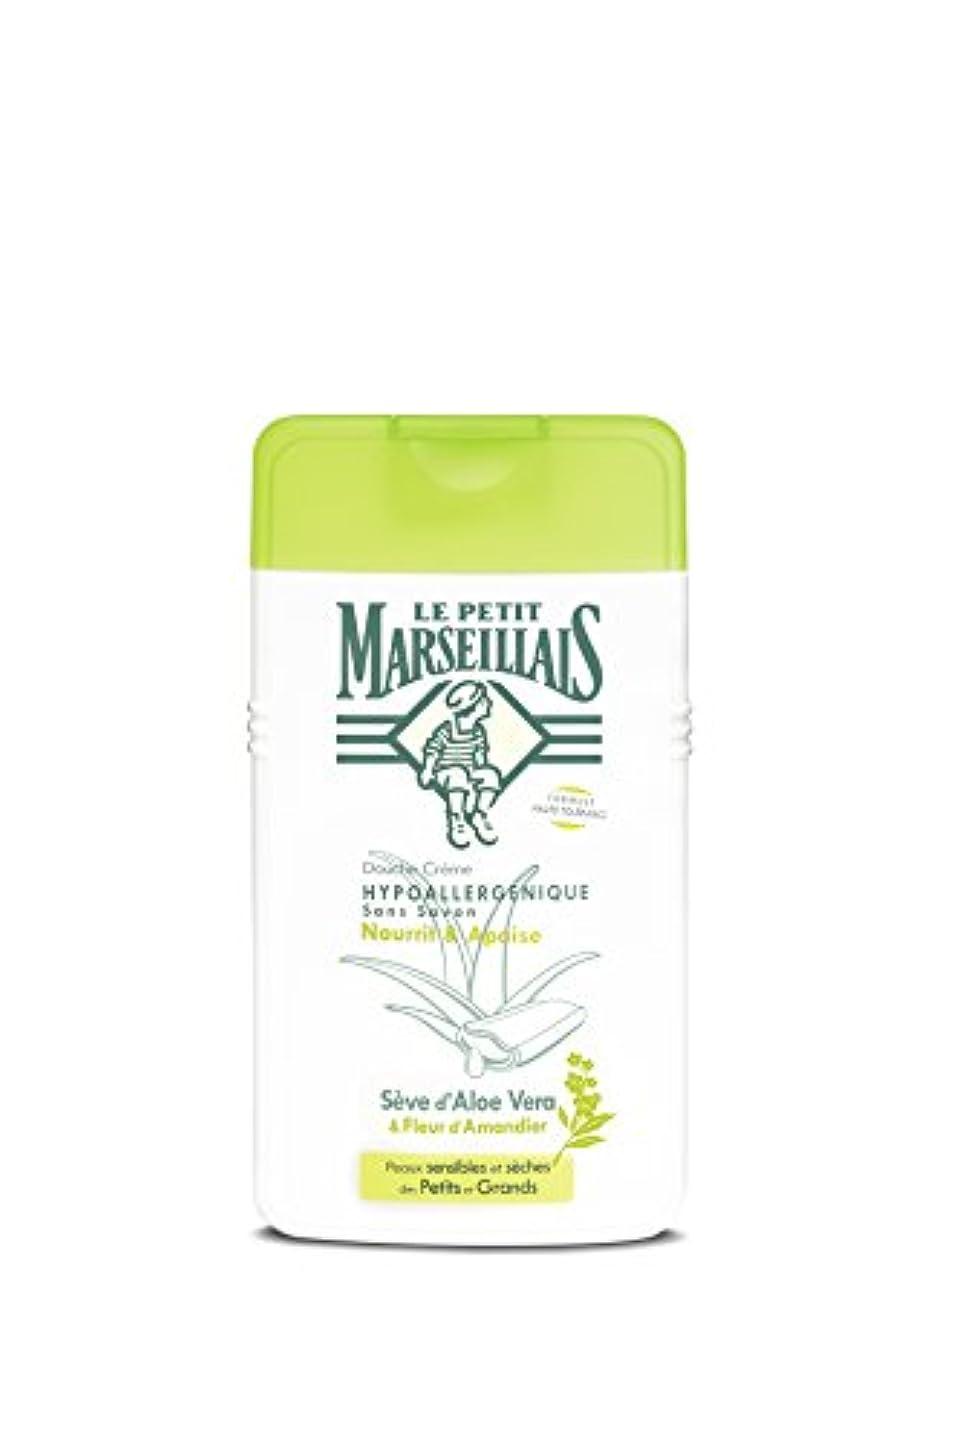 請求書ウィザードブッシュ「アロエベラ」と「アーモンドの花」石鹸不使用 低刺激 敏感肌用 中性 シャワークリーム フランスの「ル?プティ?マルセイユ(Le Petit Marseillais)」250ml ボディウォッシュ